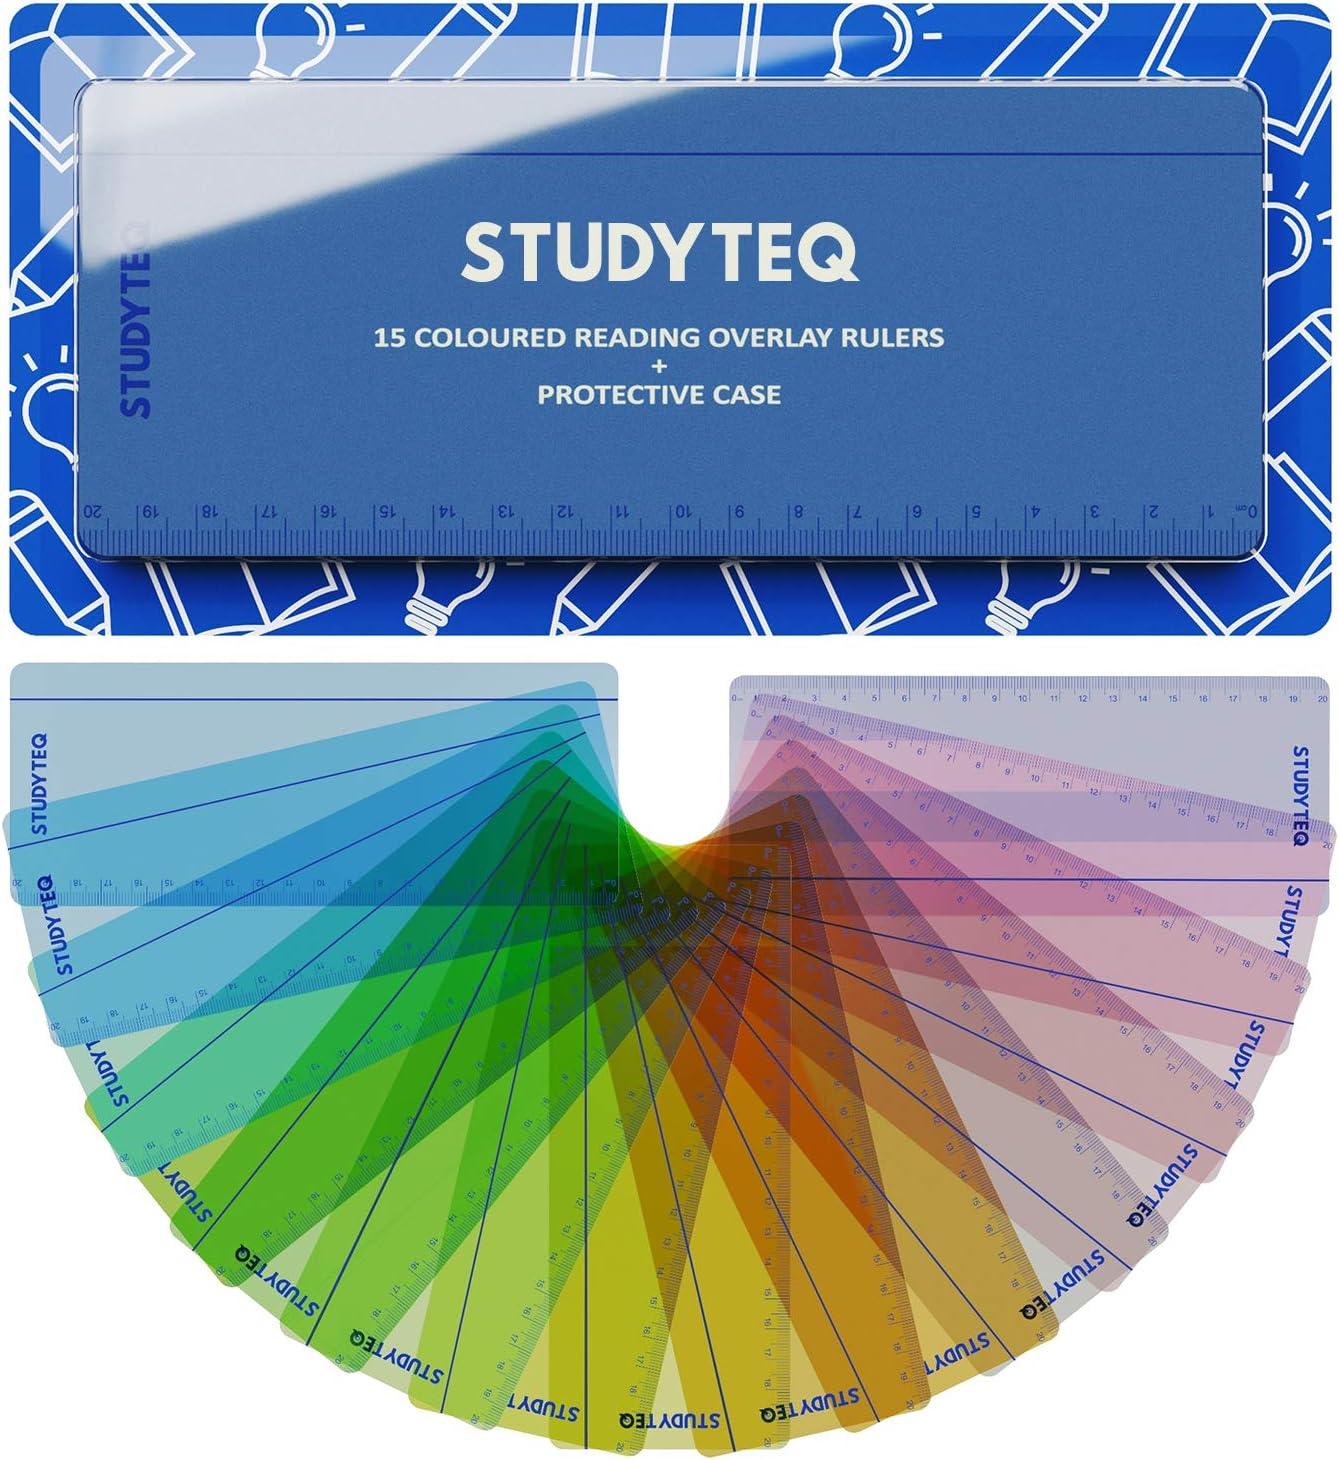 15 x Disposiciones y reglas de lectura de color para dislexia profesional Studyteq + estuche protector | Reglas de seguimiento de lectura para el estrés visual, dislexia, síndrome de Irlens y TDAH: